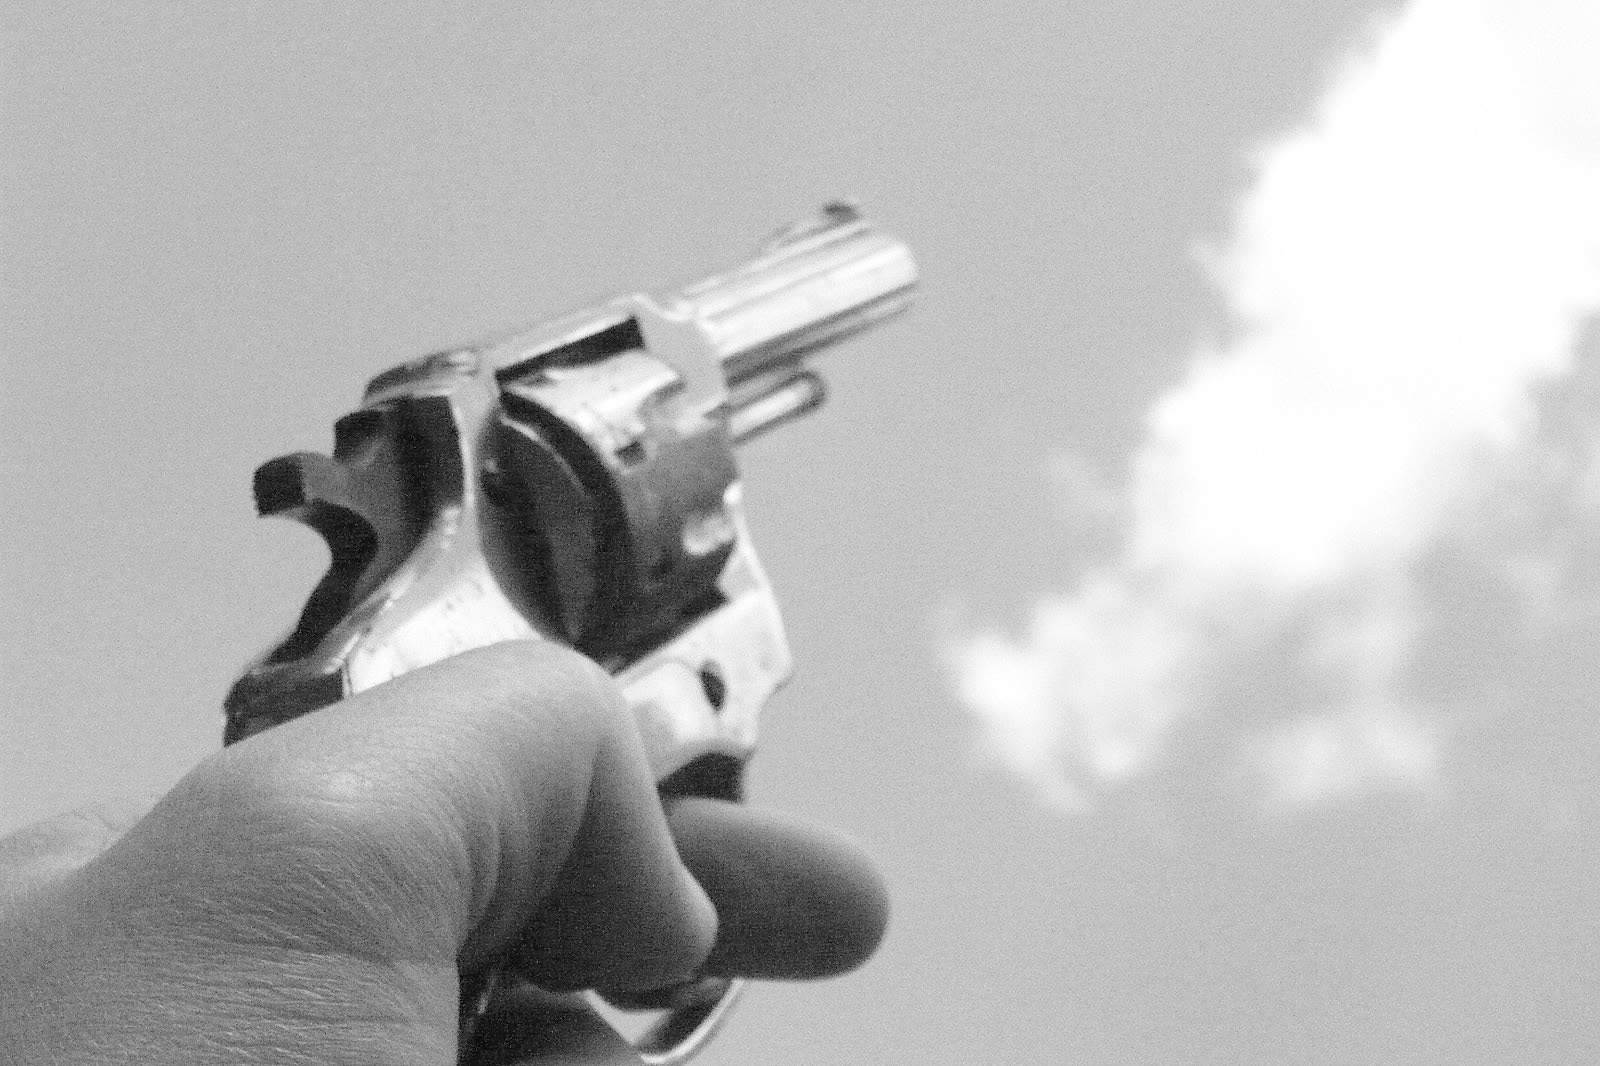 Dos jóvenes tumaqueños, asesinados al oriente de Cali